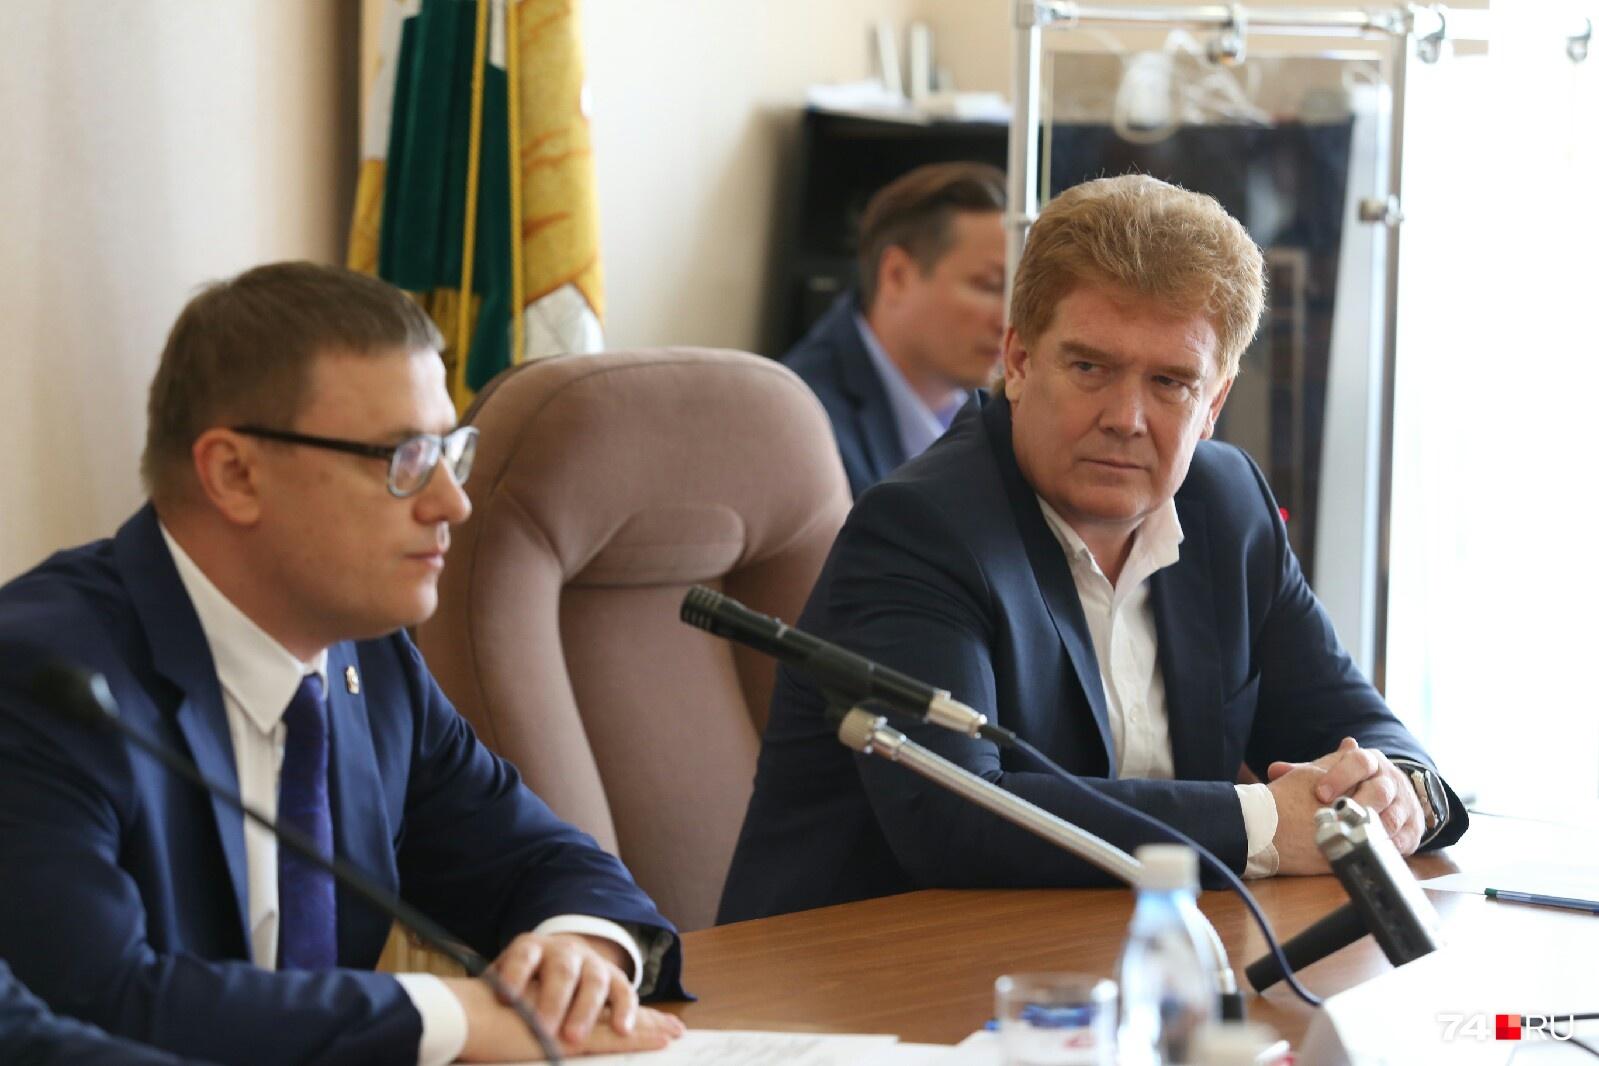 Владимир Елистратов (справа) заявил, что осознанно написал заявление об увольнении